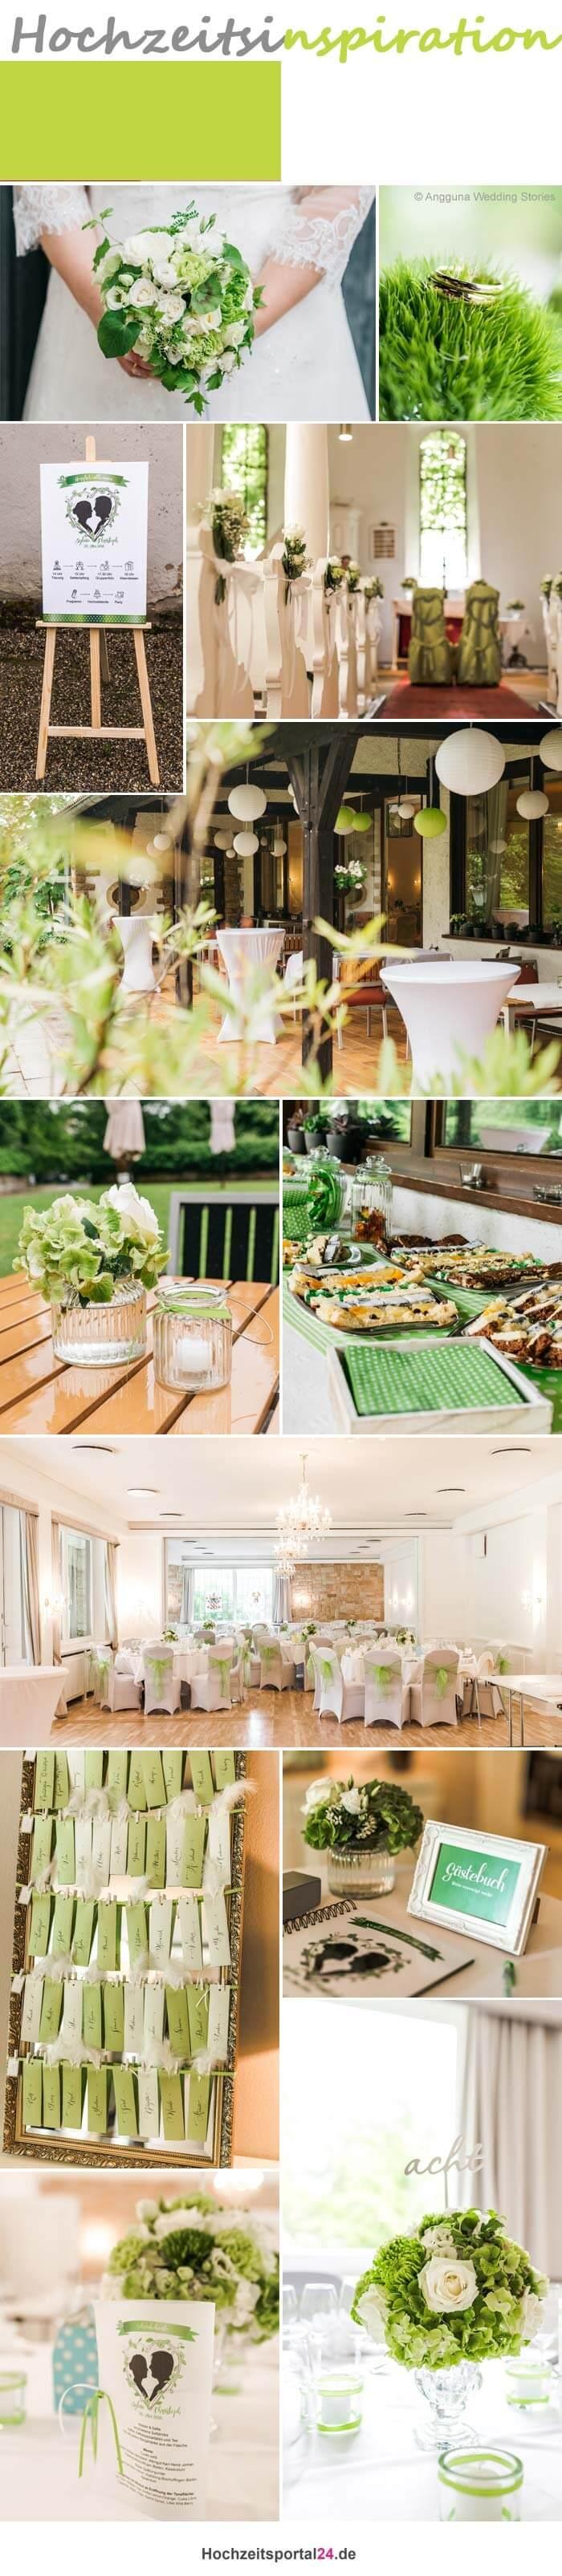 Hochzeitsfarben Grün Weiß